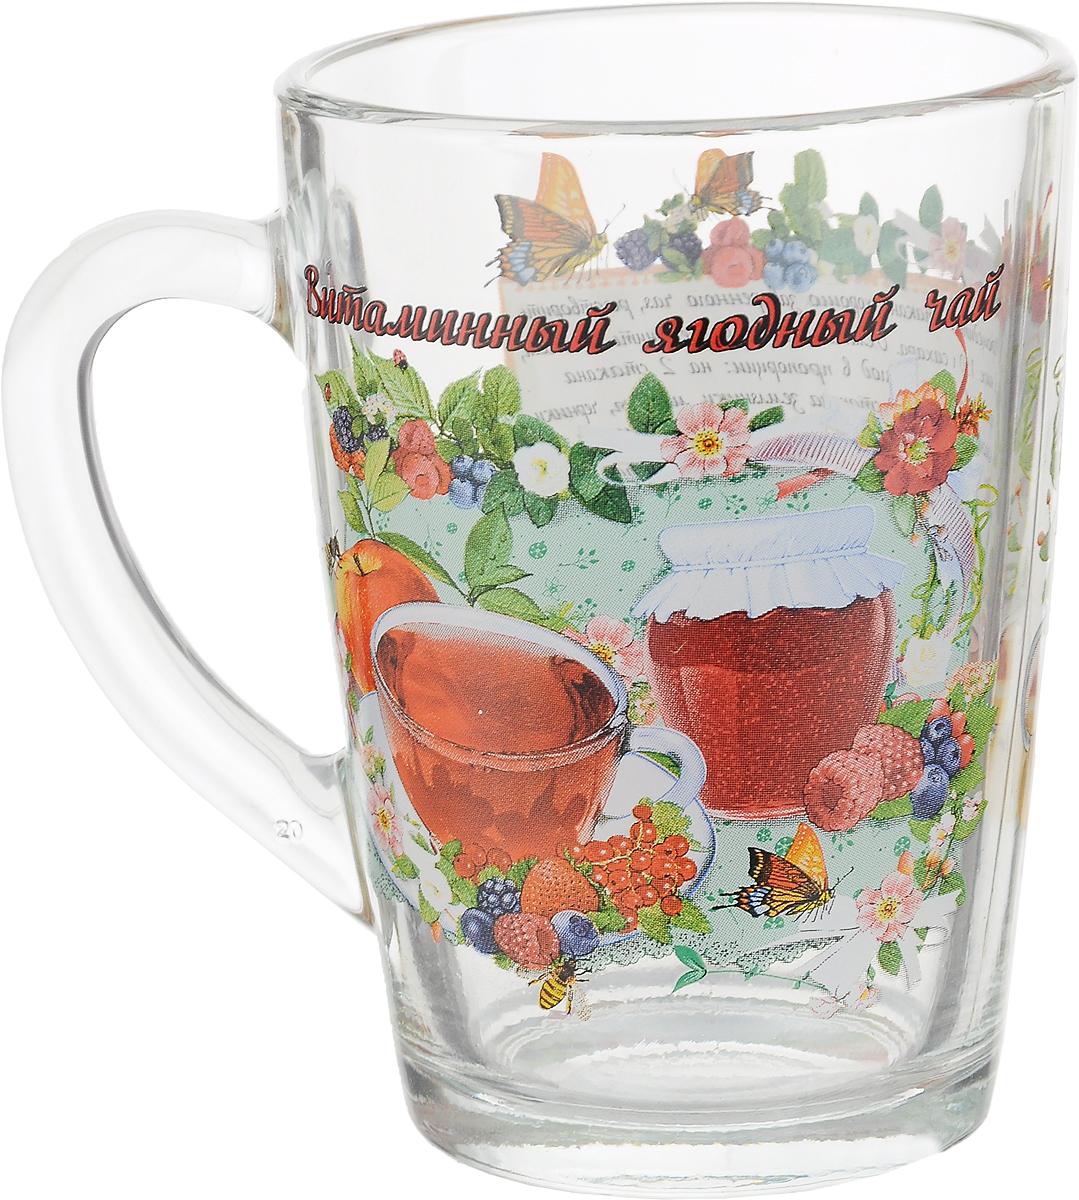 """Кружка чайная Квестор """"Каппучино. Витаминный ягодный чай"""" изготовлена из бесцветного стекла и украшена ярким рисунком и рецептом приготовления витаминного ягодного чая. Идеально подходит для сервировки стола.Кружка не только украсит ваш кухонный стол, но подчеркнет прекрасный вкус хозяйки. Диаметр кружки (по верхнему краю): 8 см. Диаметр основания: 6 см. Ширина кружки с учетом ручки: 11 см. Высота кружки: 11 см.Объем кружки: 300 мл."""